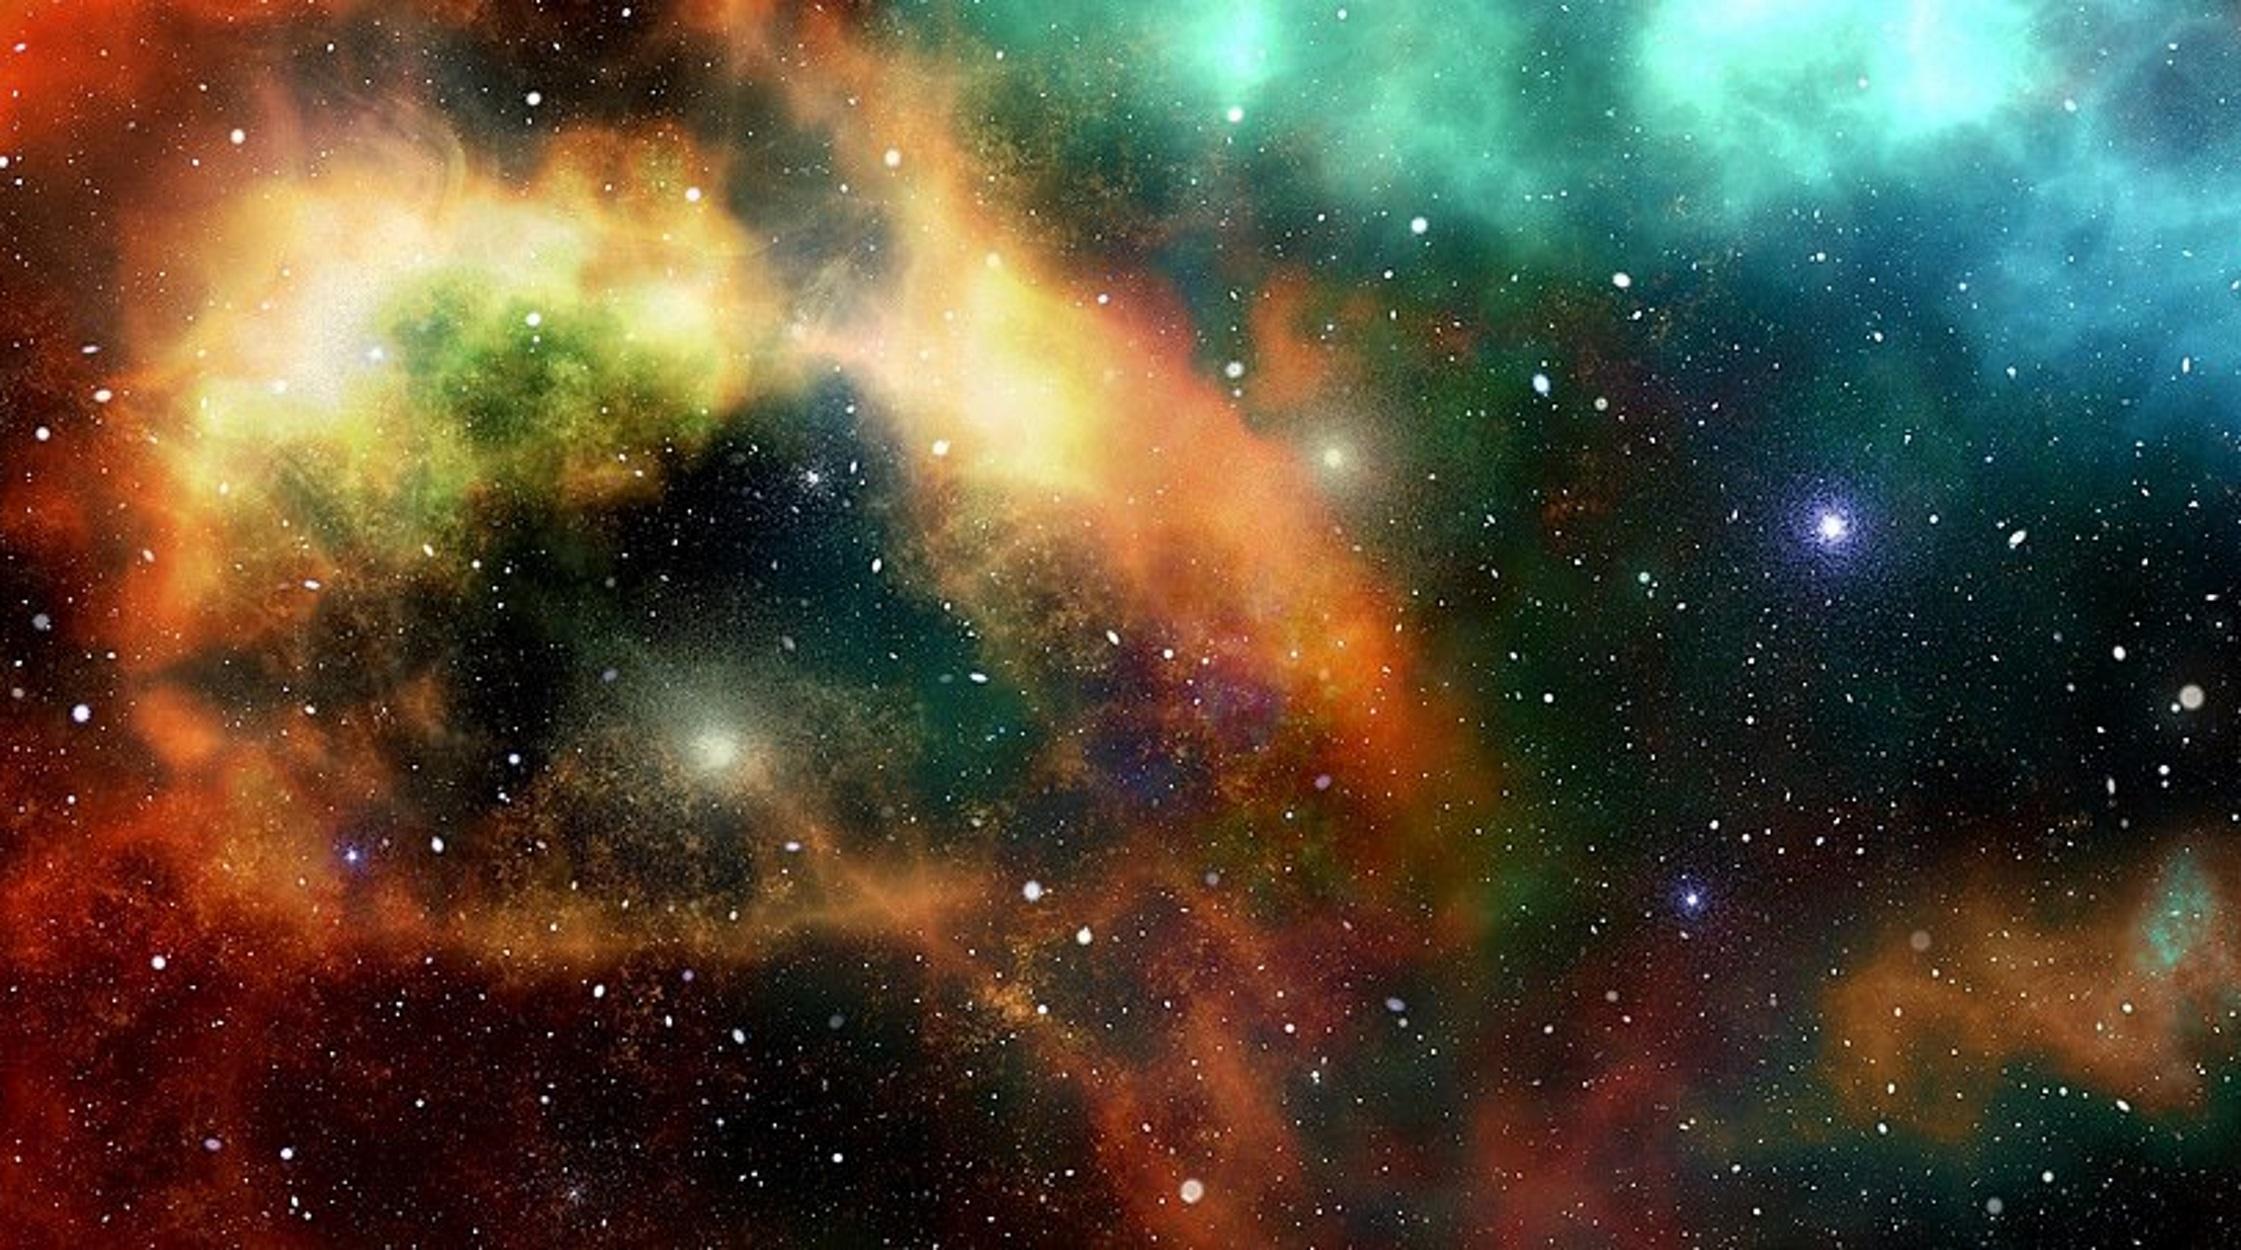 Επίπεδο ή σφαιρικό το σύμπαν; Το ερώτημα που μπερδεύει τους επιστήμονες